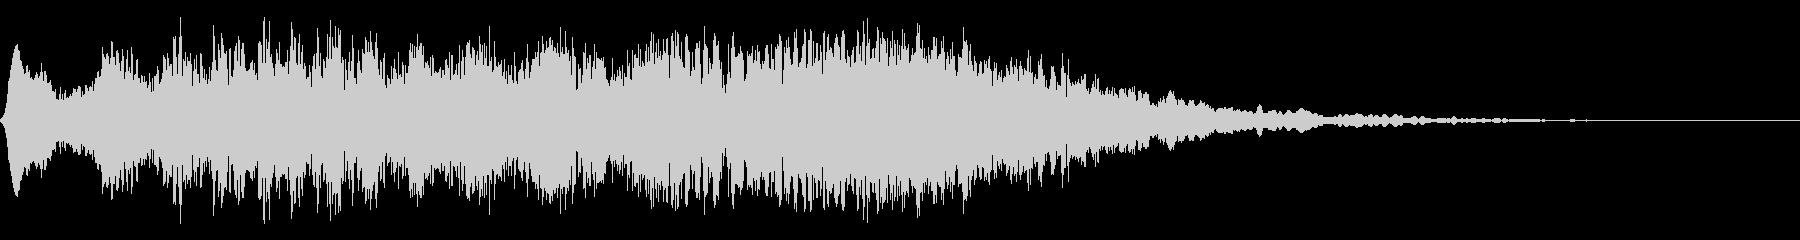 電波、ホラー、サスペンスの未再生の波形